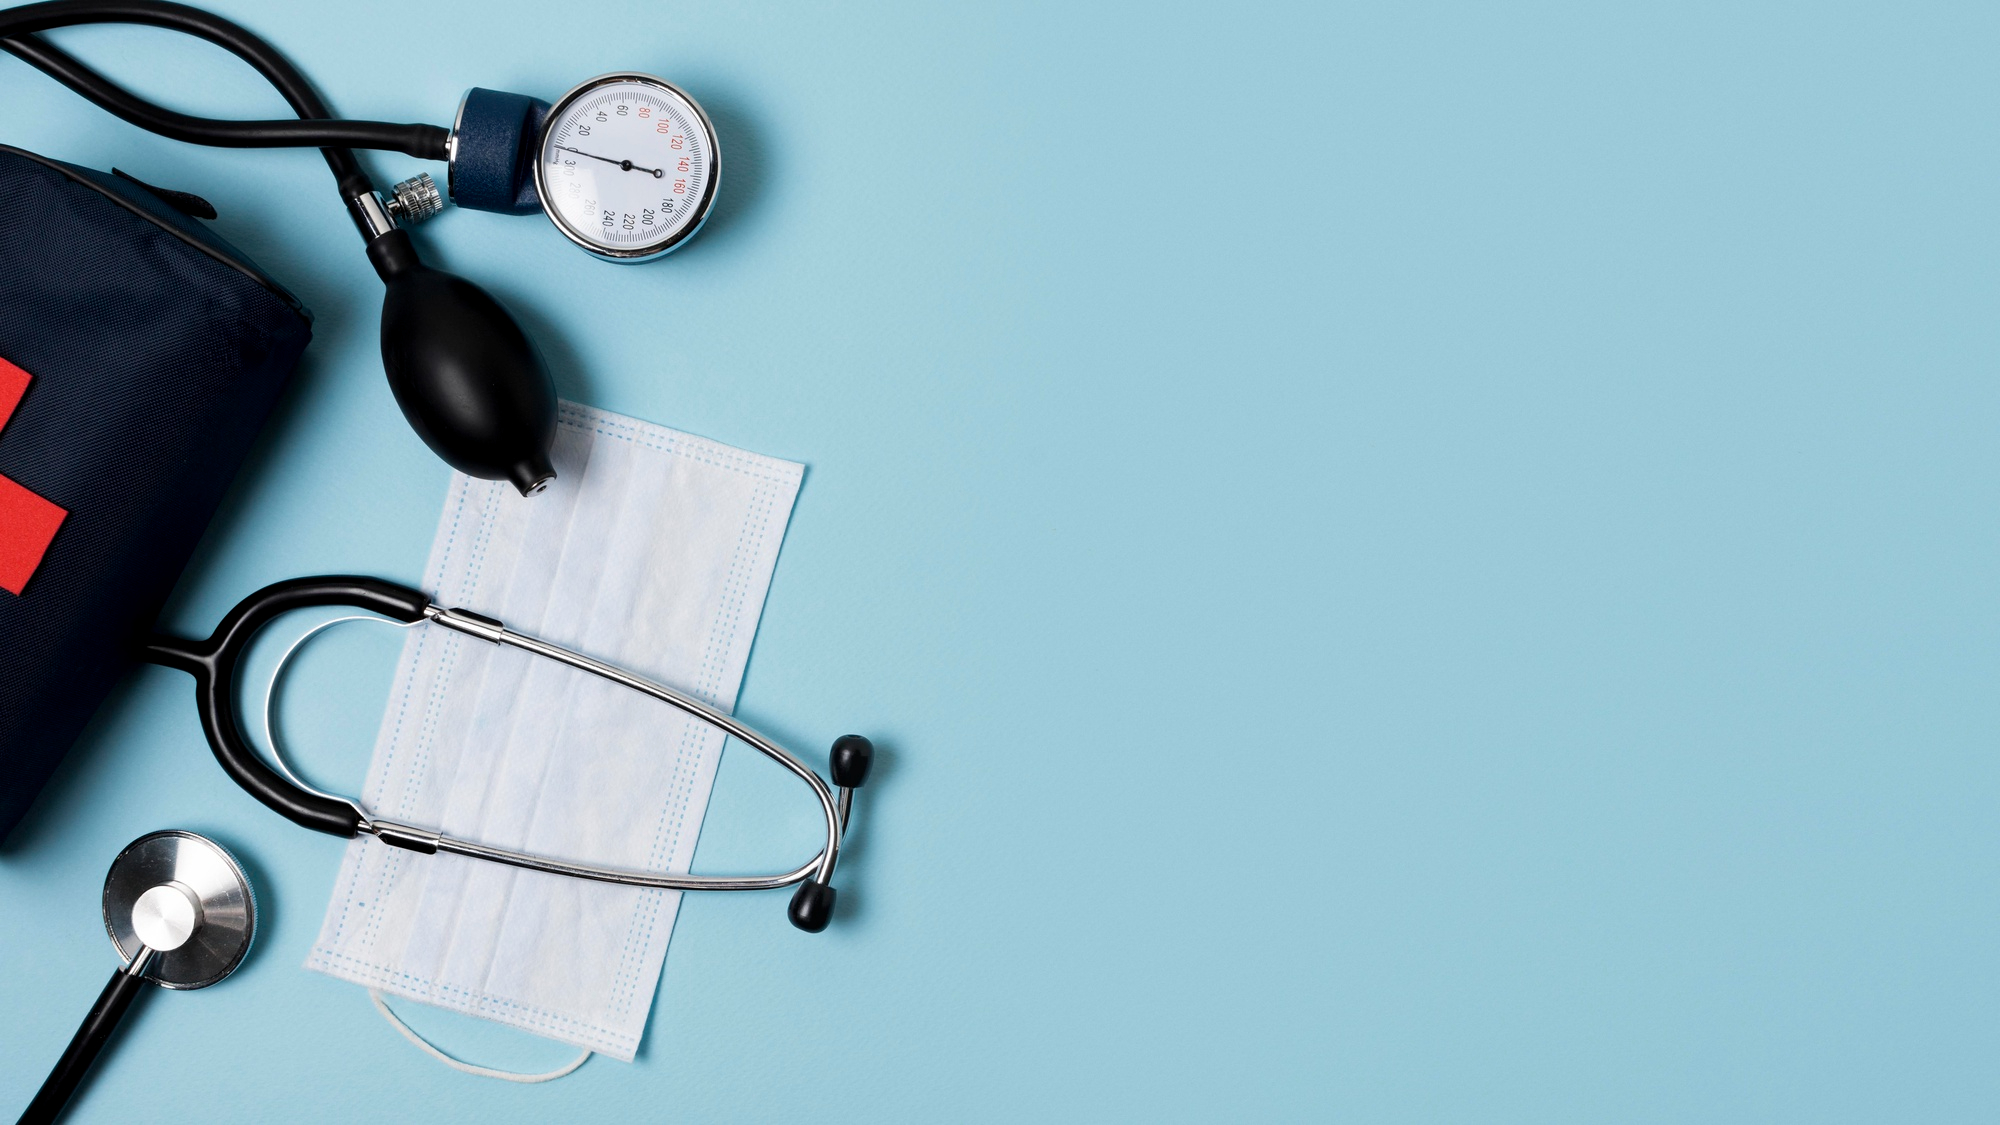 Indicação médica para cidofovir pode justificar cobertura pelo plano de saúde